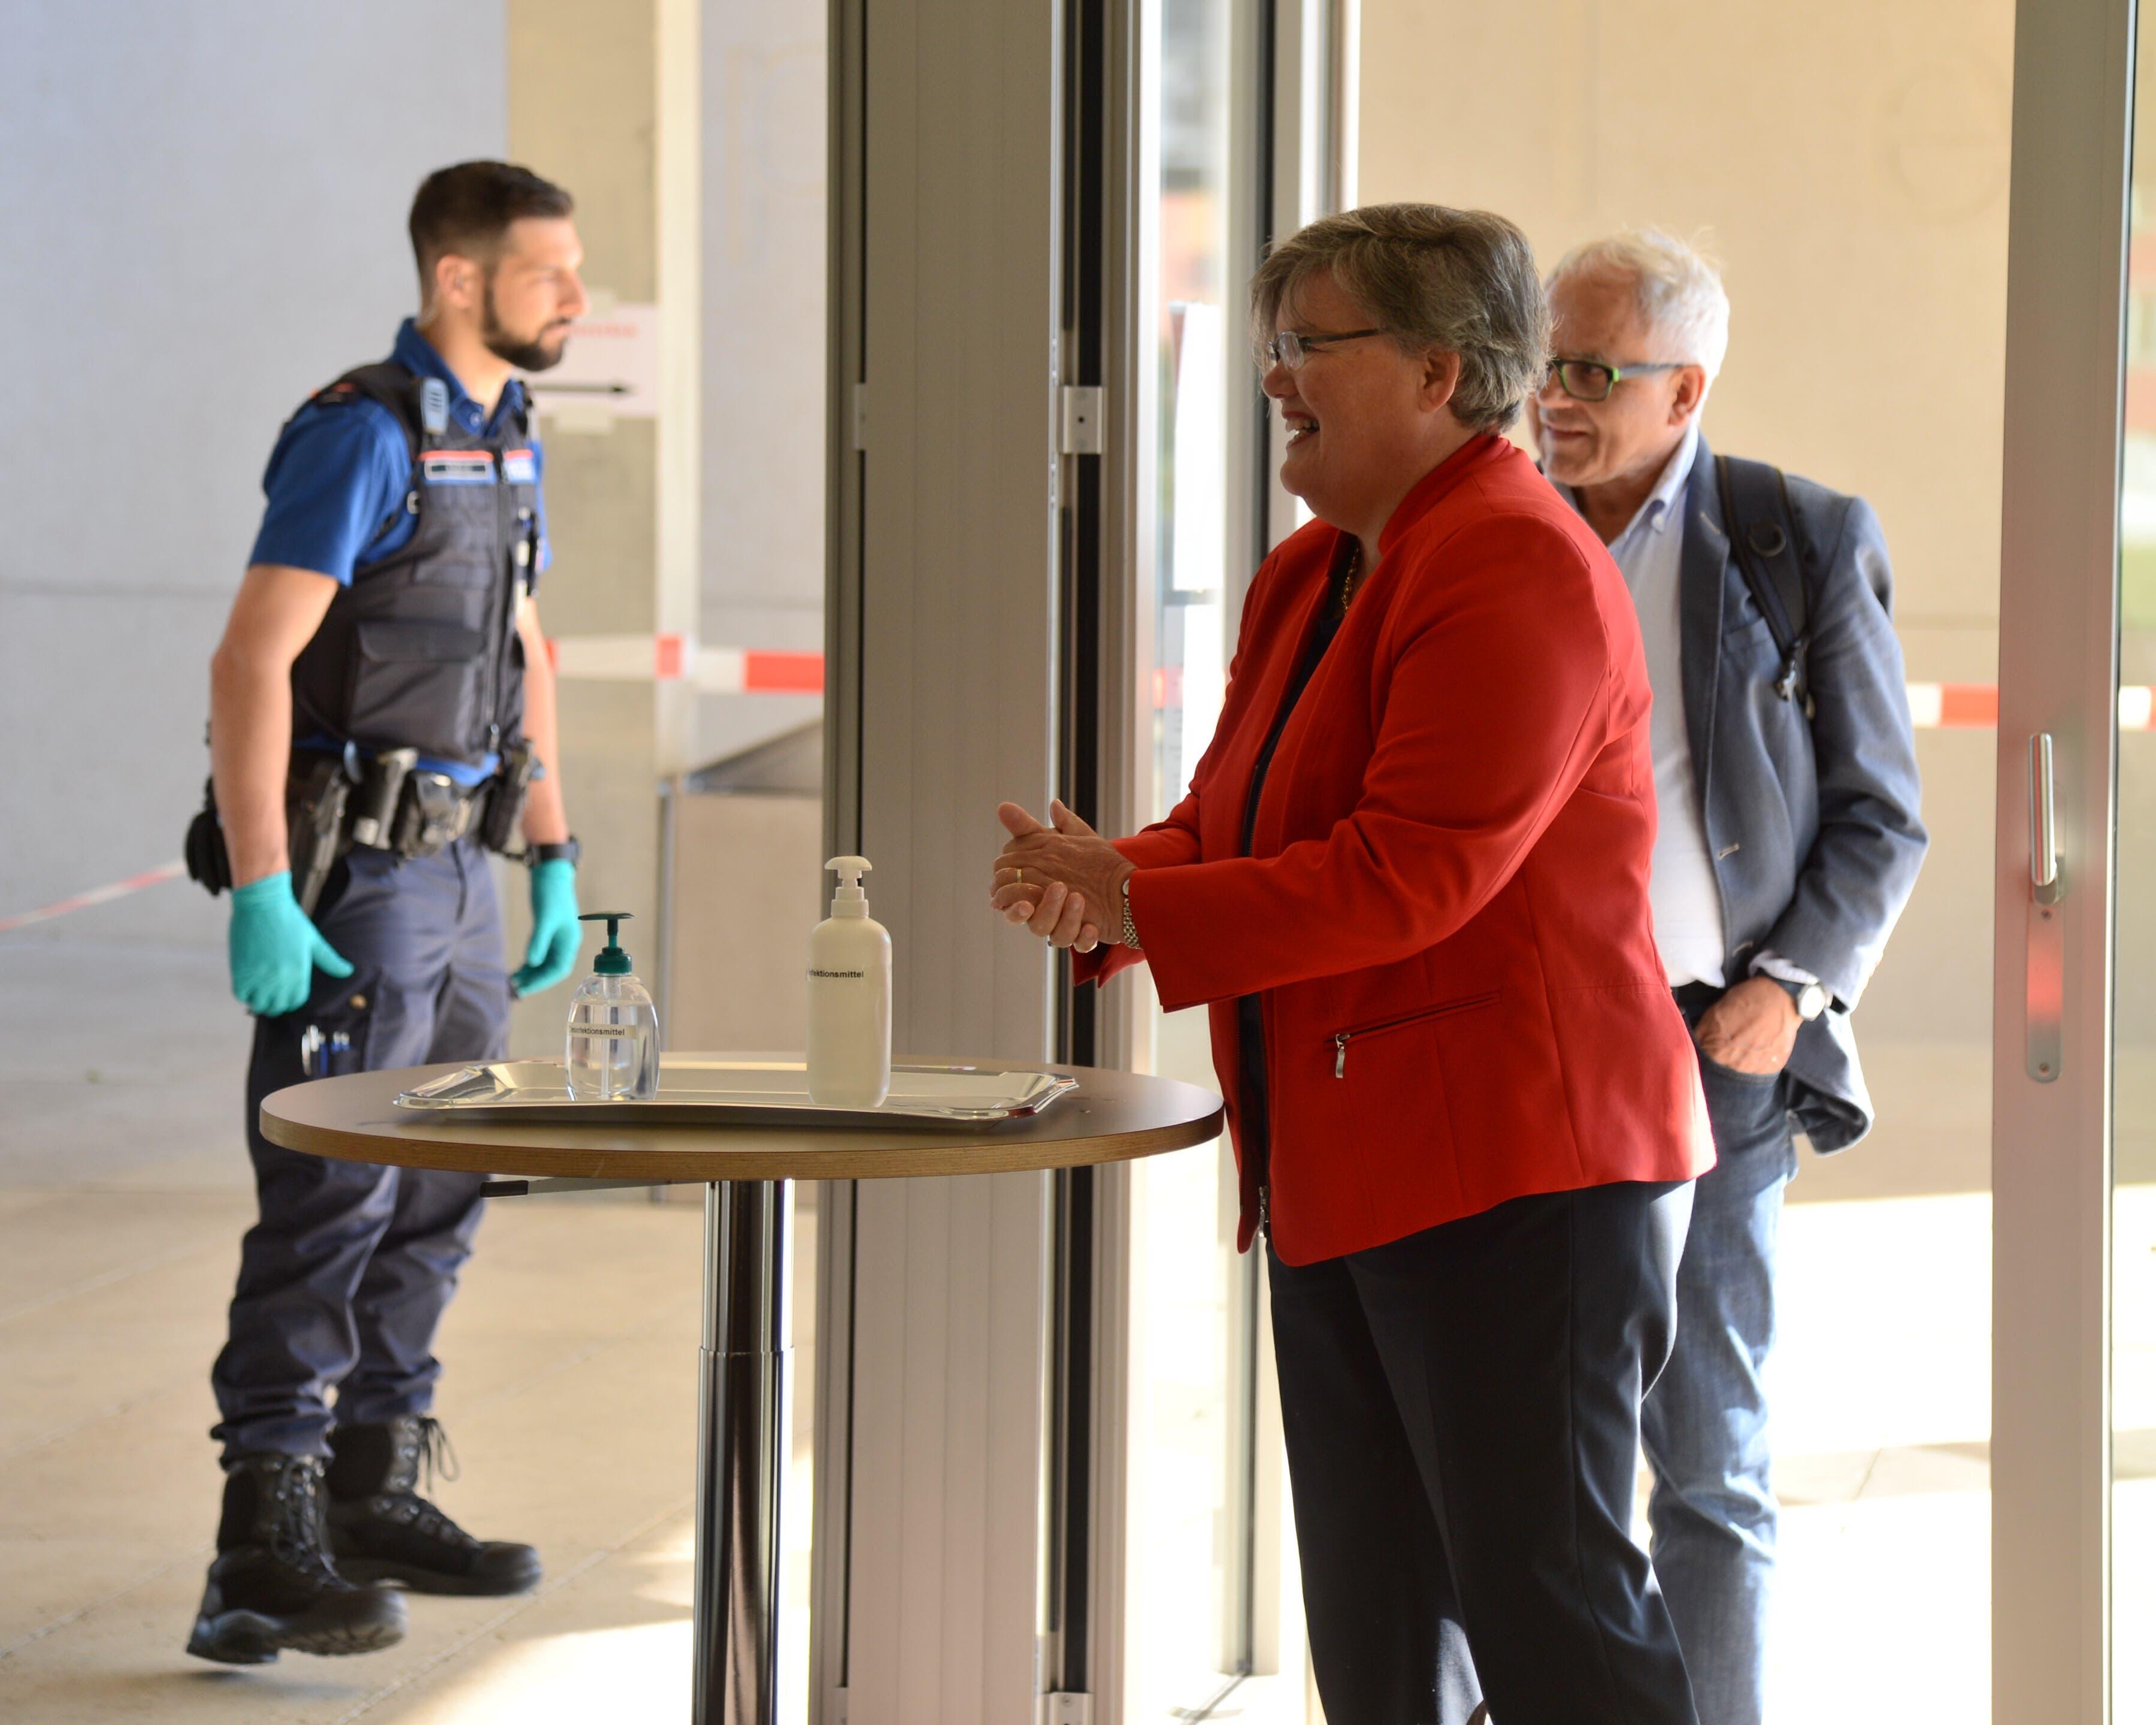 Beim Eingang desinfizierten die Parlamentarier ihre Hände